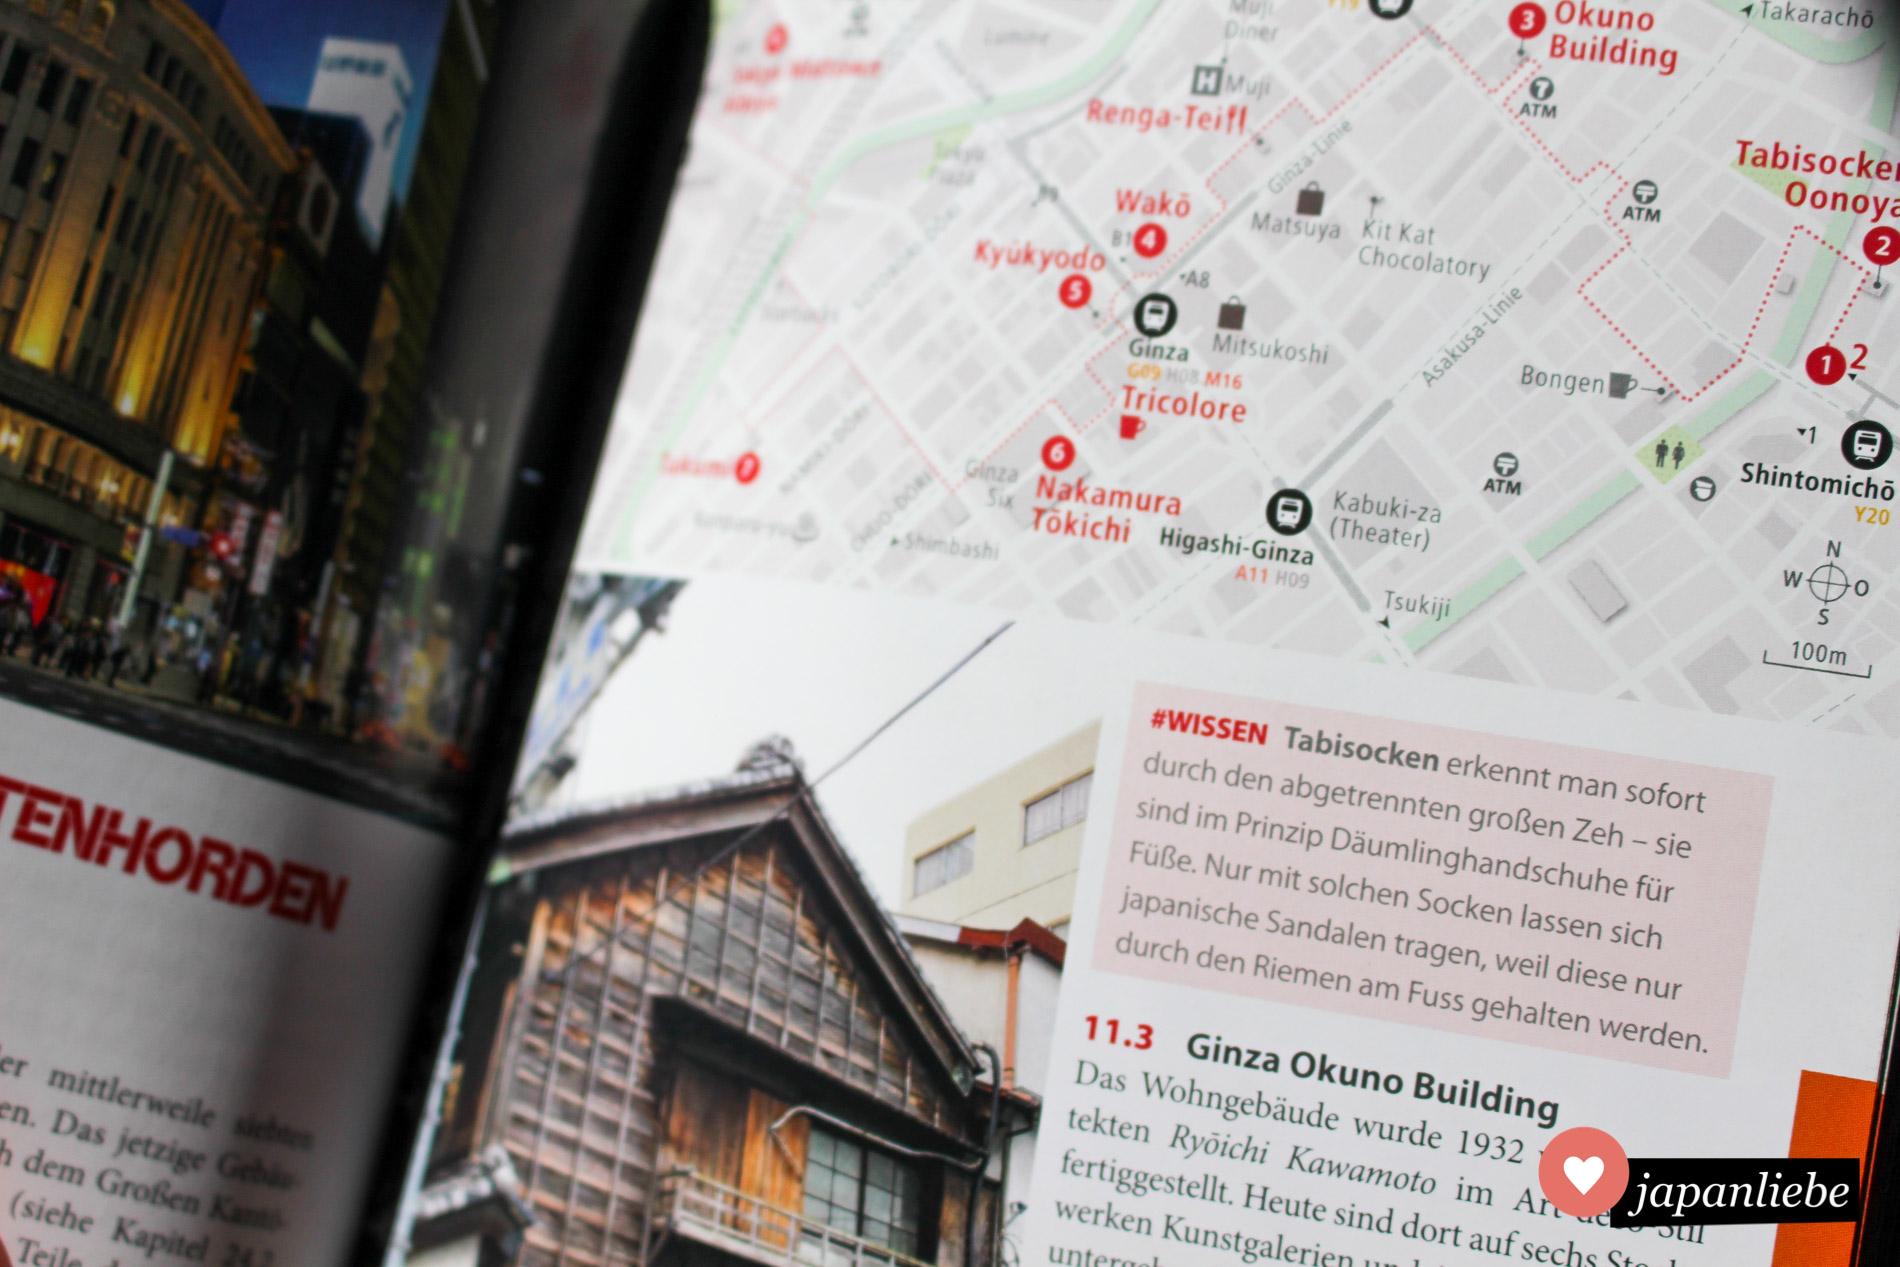 Orientierung leicht gemacht: die Übersichtskarten sind sehr gut aufbereitet. Zusätzliche Tipps und Infos geben Einblicke in die japanische Kultur.